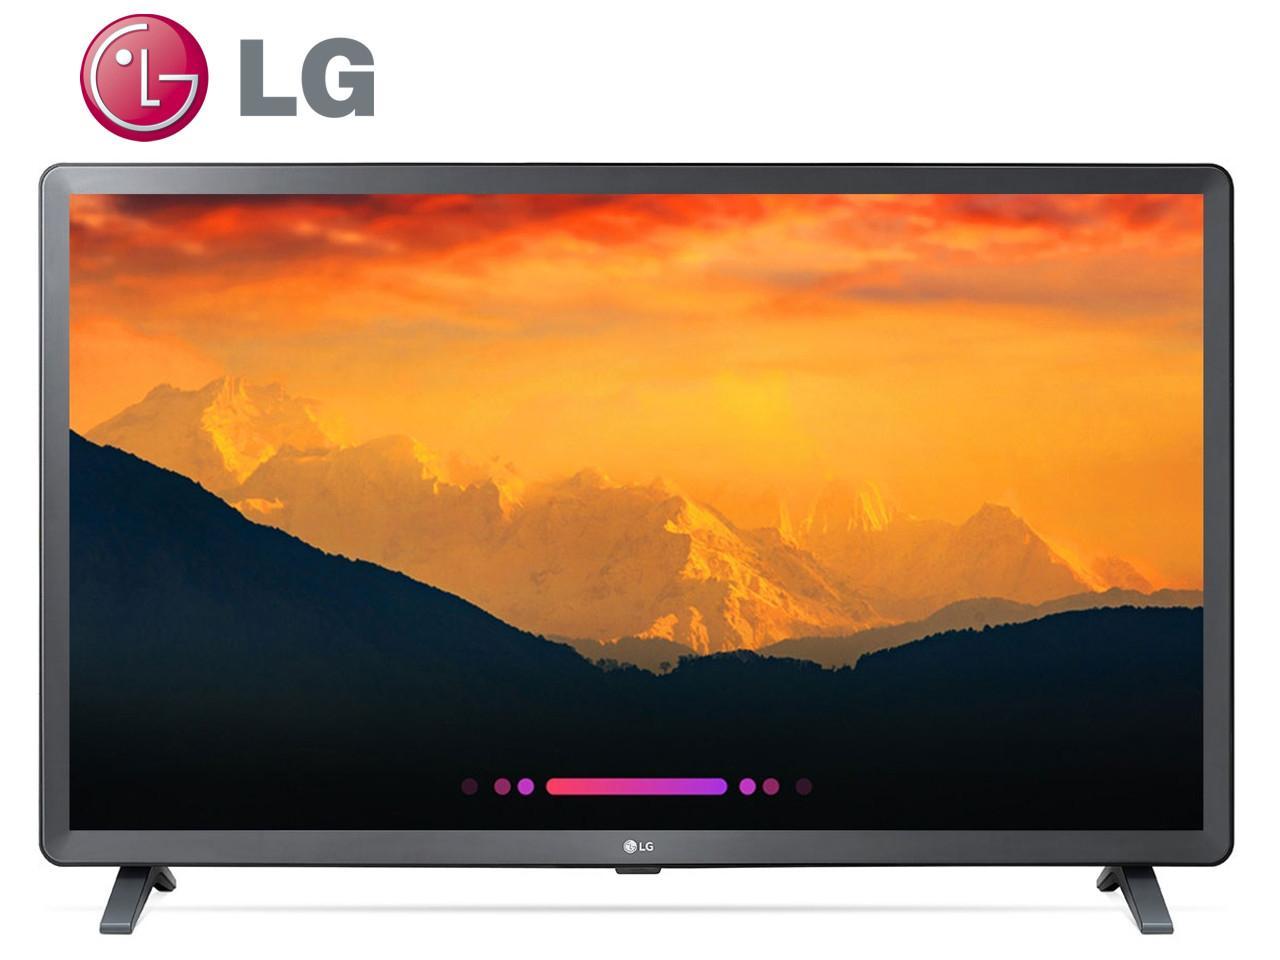 3f8394a19 LG 32LK6100 + 300 Kč na dárky nebo další nákup | CHAT on-line podpora